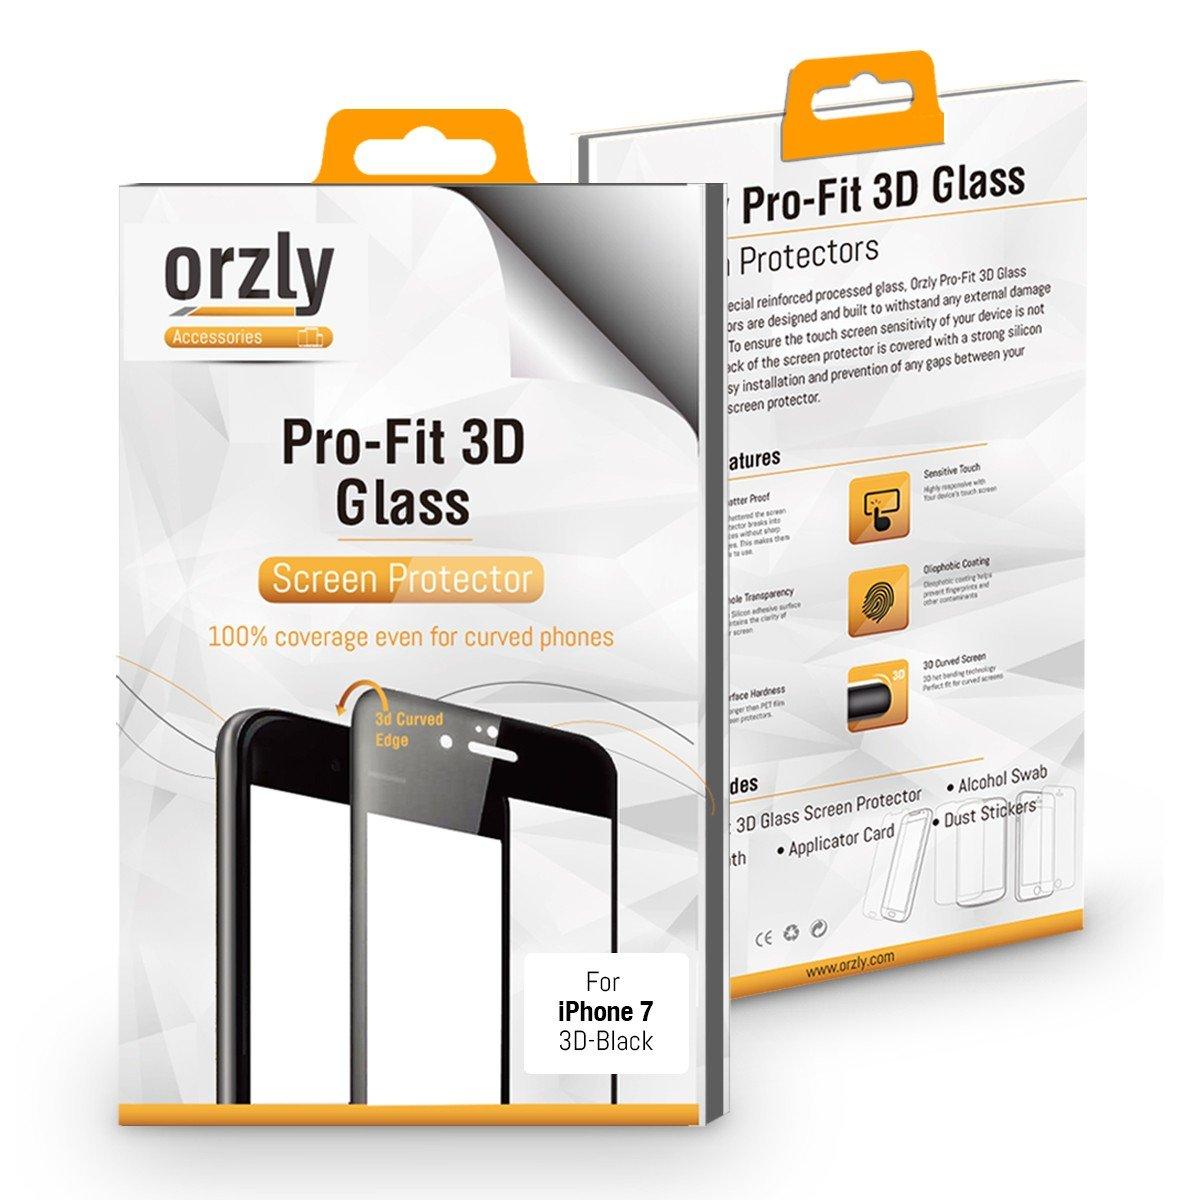 Protector de Pantalla iPhone 7, 3D Pro-Fit Protector de Prima de Cristal Templado de Orzly® [Protección completa de la pantalla para el iPhone 7: Amazon.es: ...